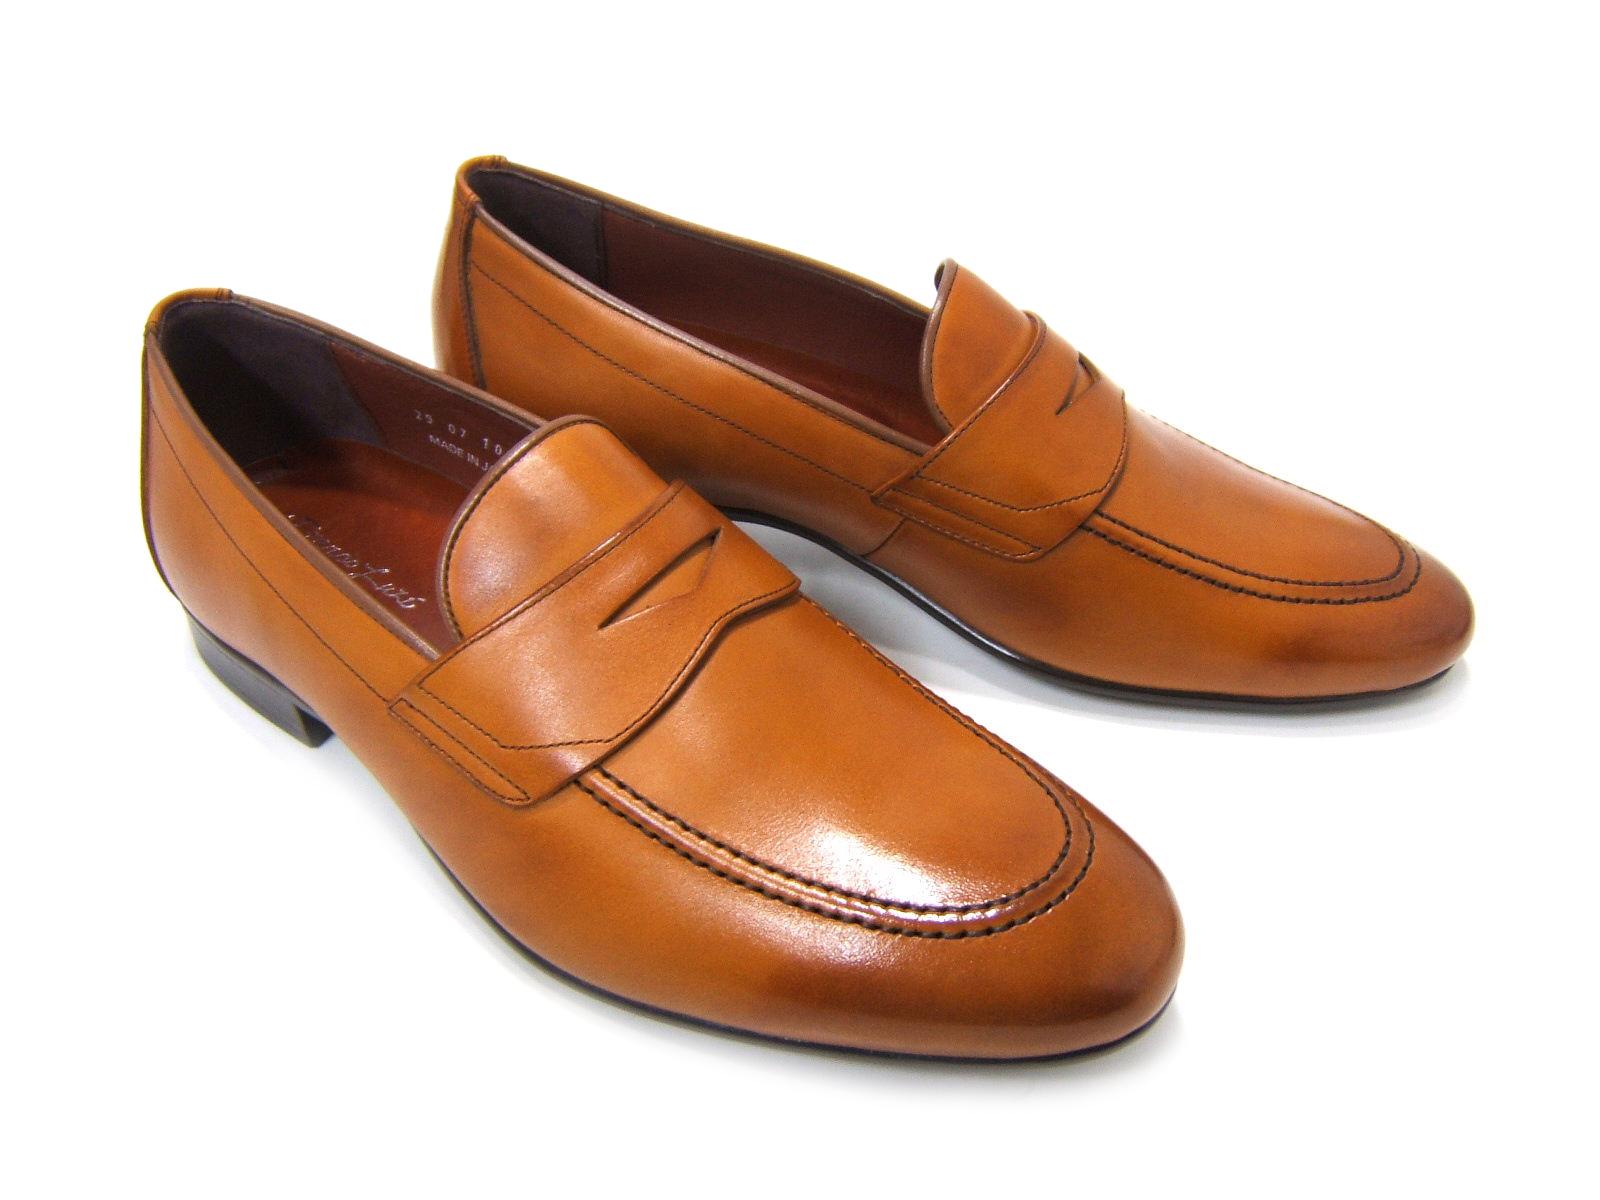 新提案のオン&オフで魅せるローファースタイル♪フランコ ルッチ/FRANCO LUZ FL1060-LBR ライトブラウン 紳士靴 ローファー ビジネス パーティ カジュアル 送料無料